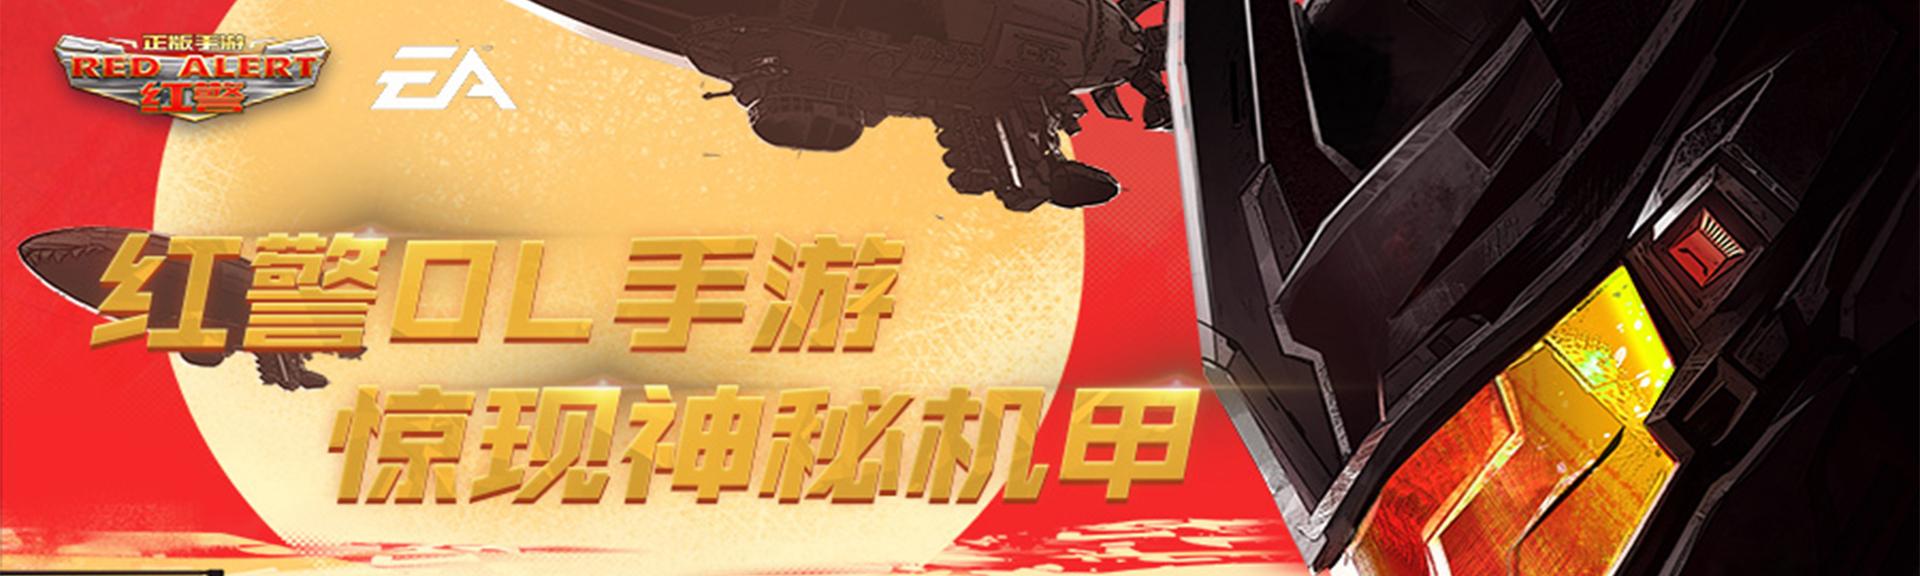 《红警OL手游》惊现神秘机甲 超级英雄海王携手送福利